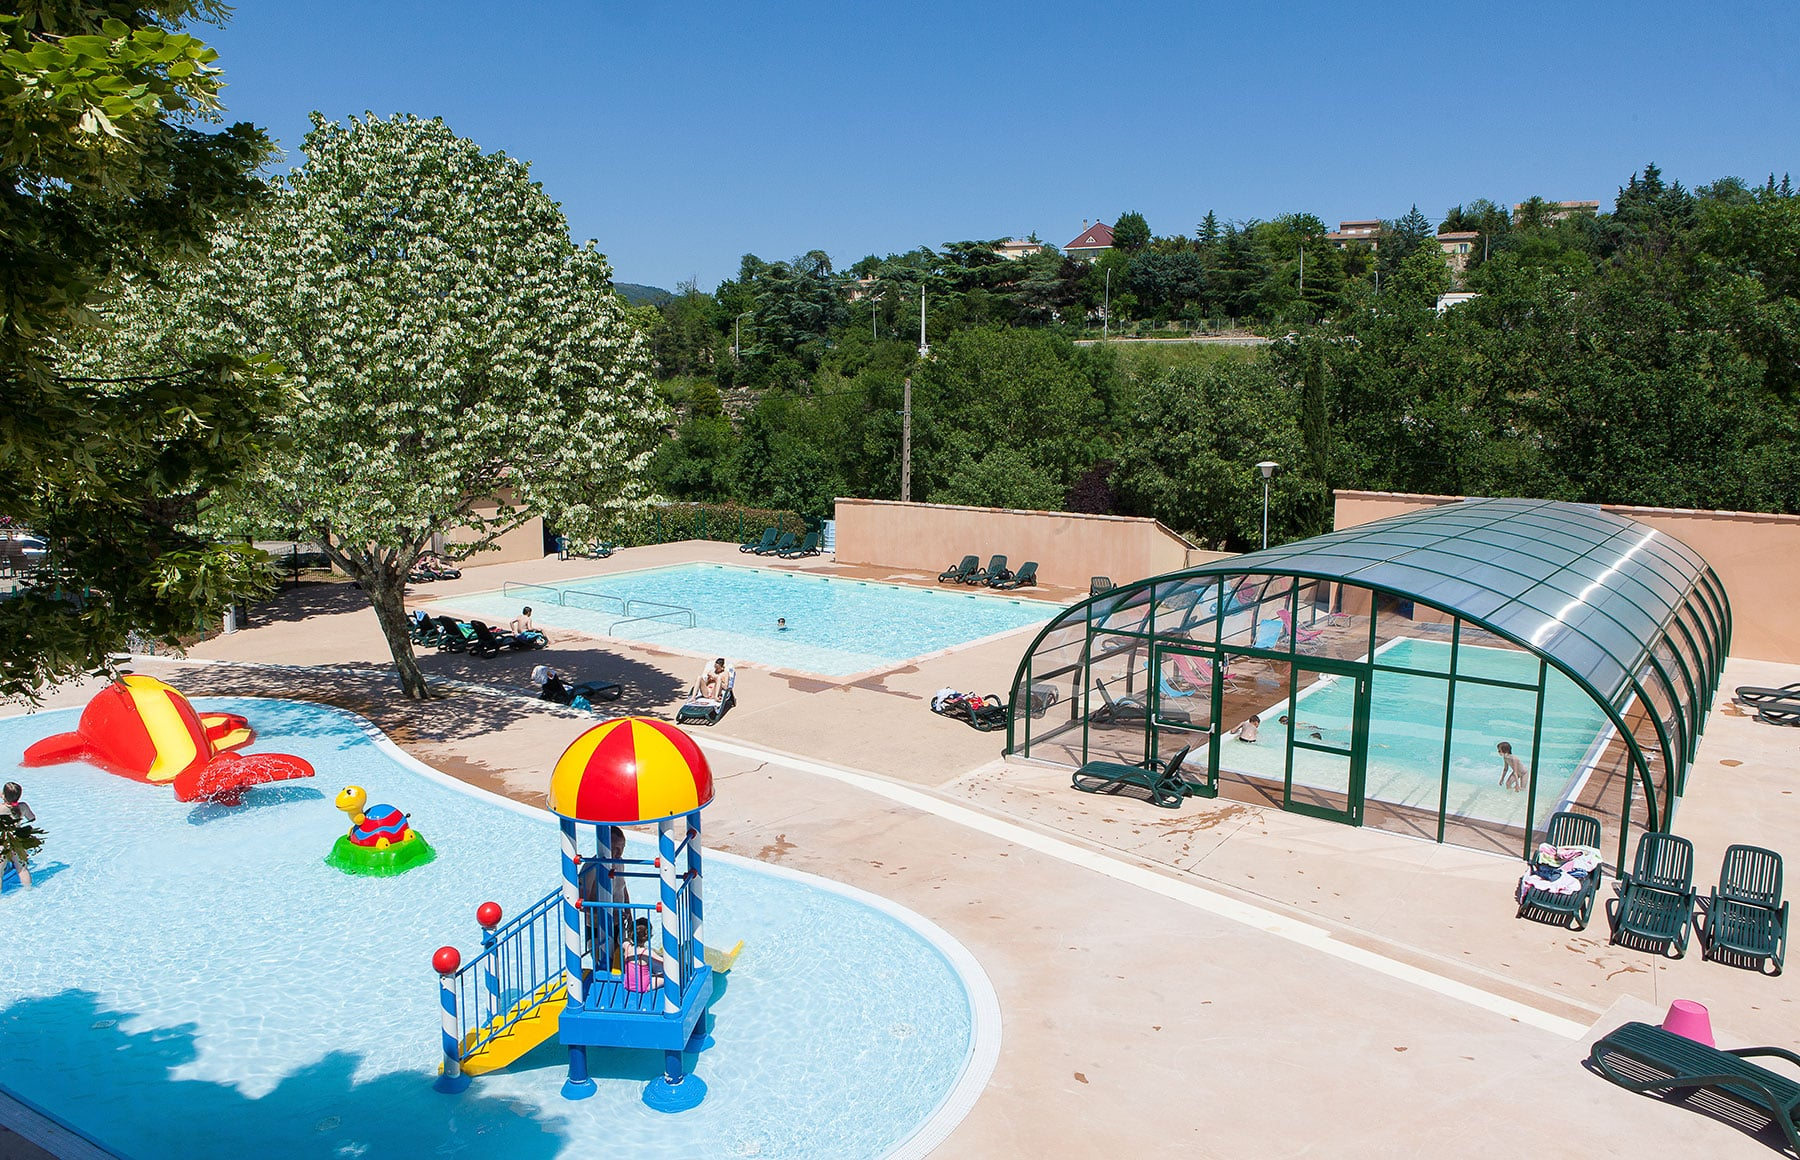 Camping ardeche parc aquatique piscine couverte chauff e - Camping roscoff avec piscine couverte ...